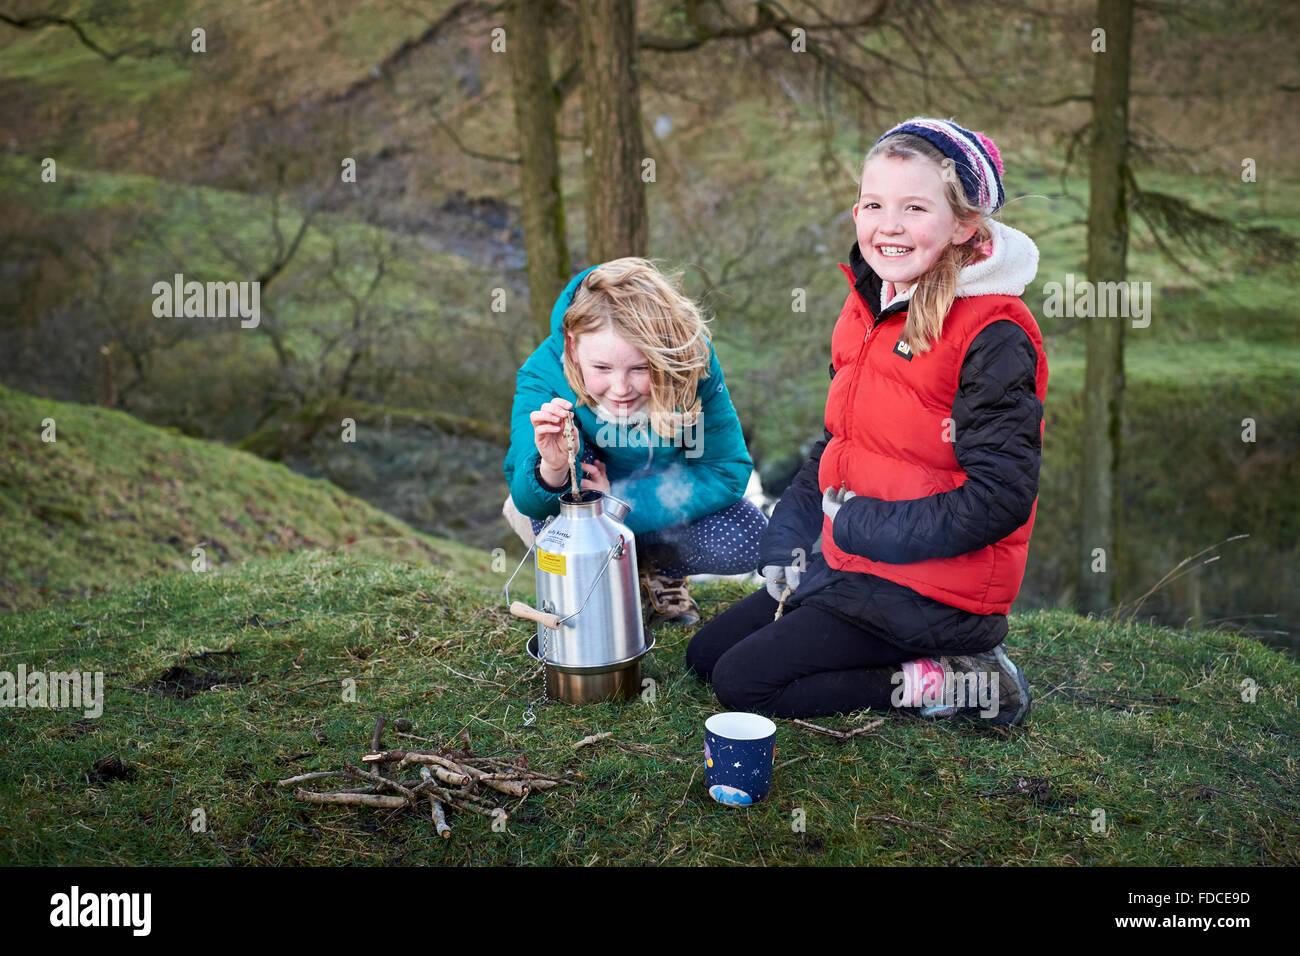 Deux jeunes filles à l'aide d'une cuisinière électrique Kelly de cuisiner à l'extérieur Photo Stock